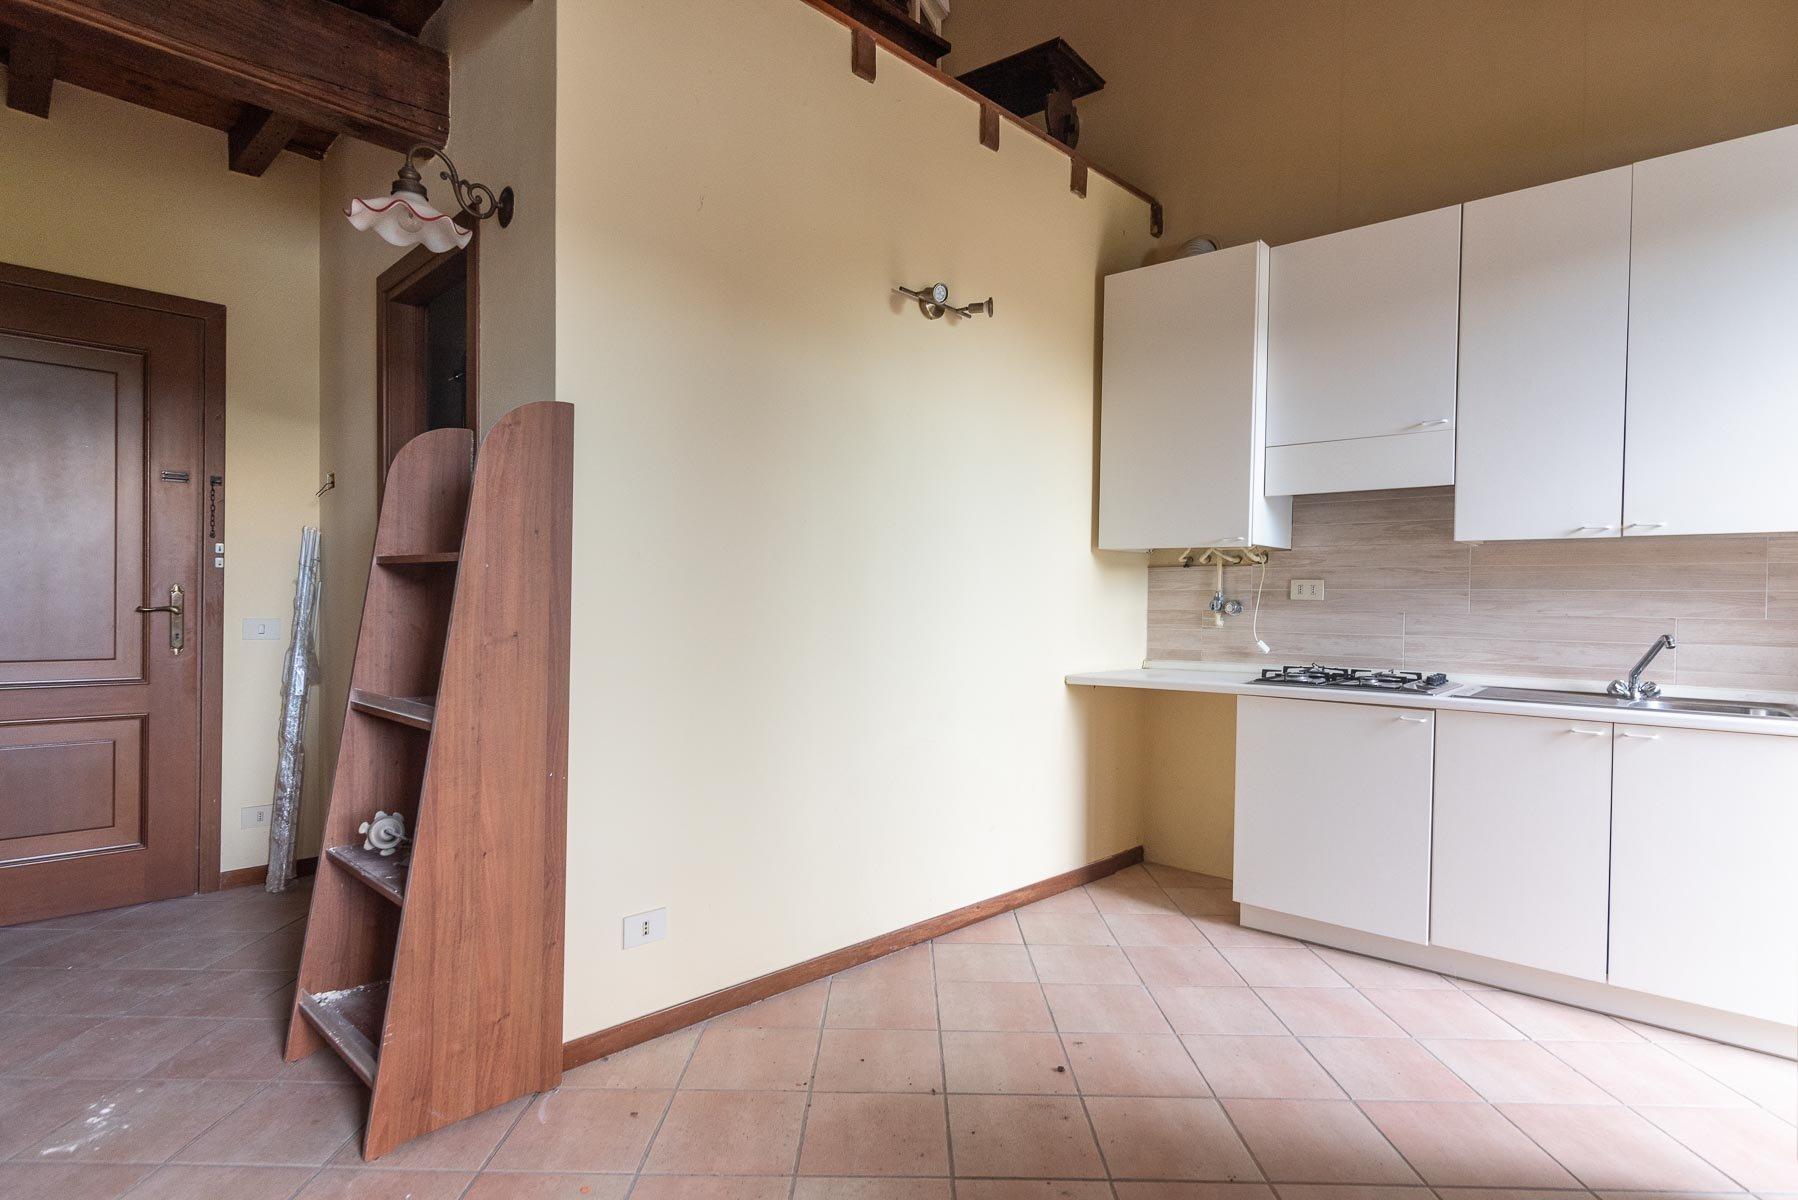 Apartment for sale in Pescatori island,Stresa-kitchen